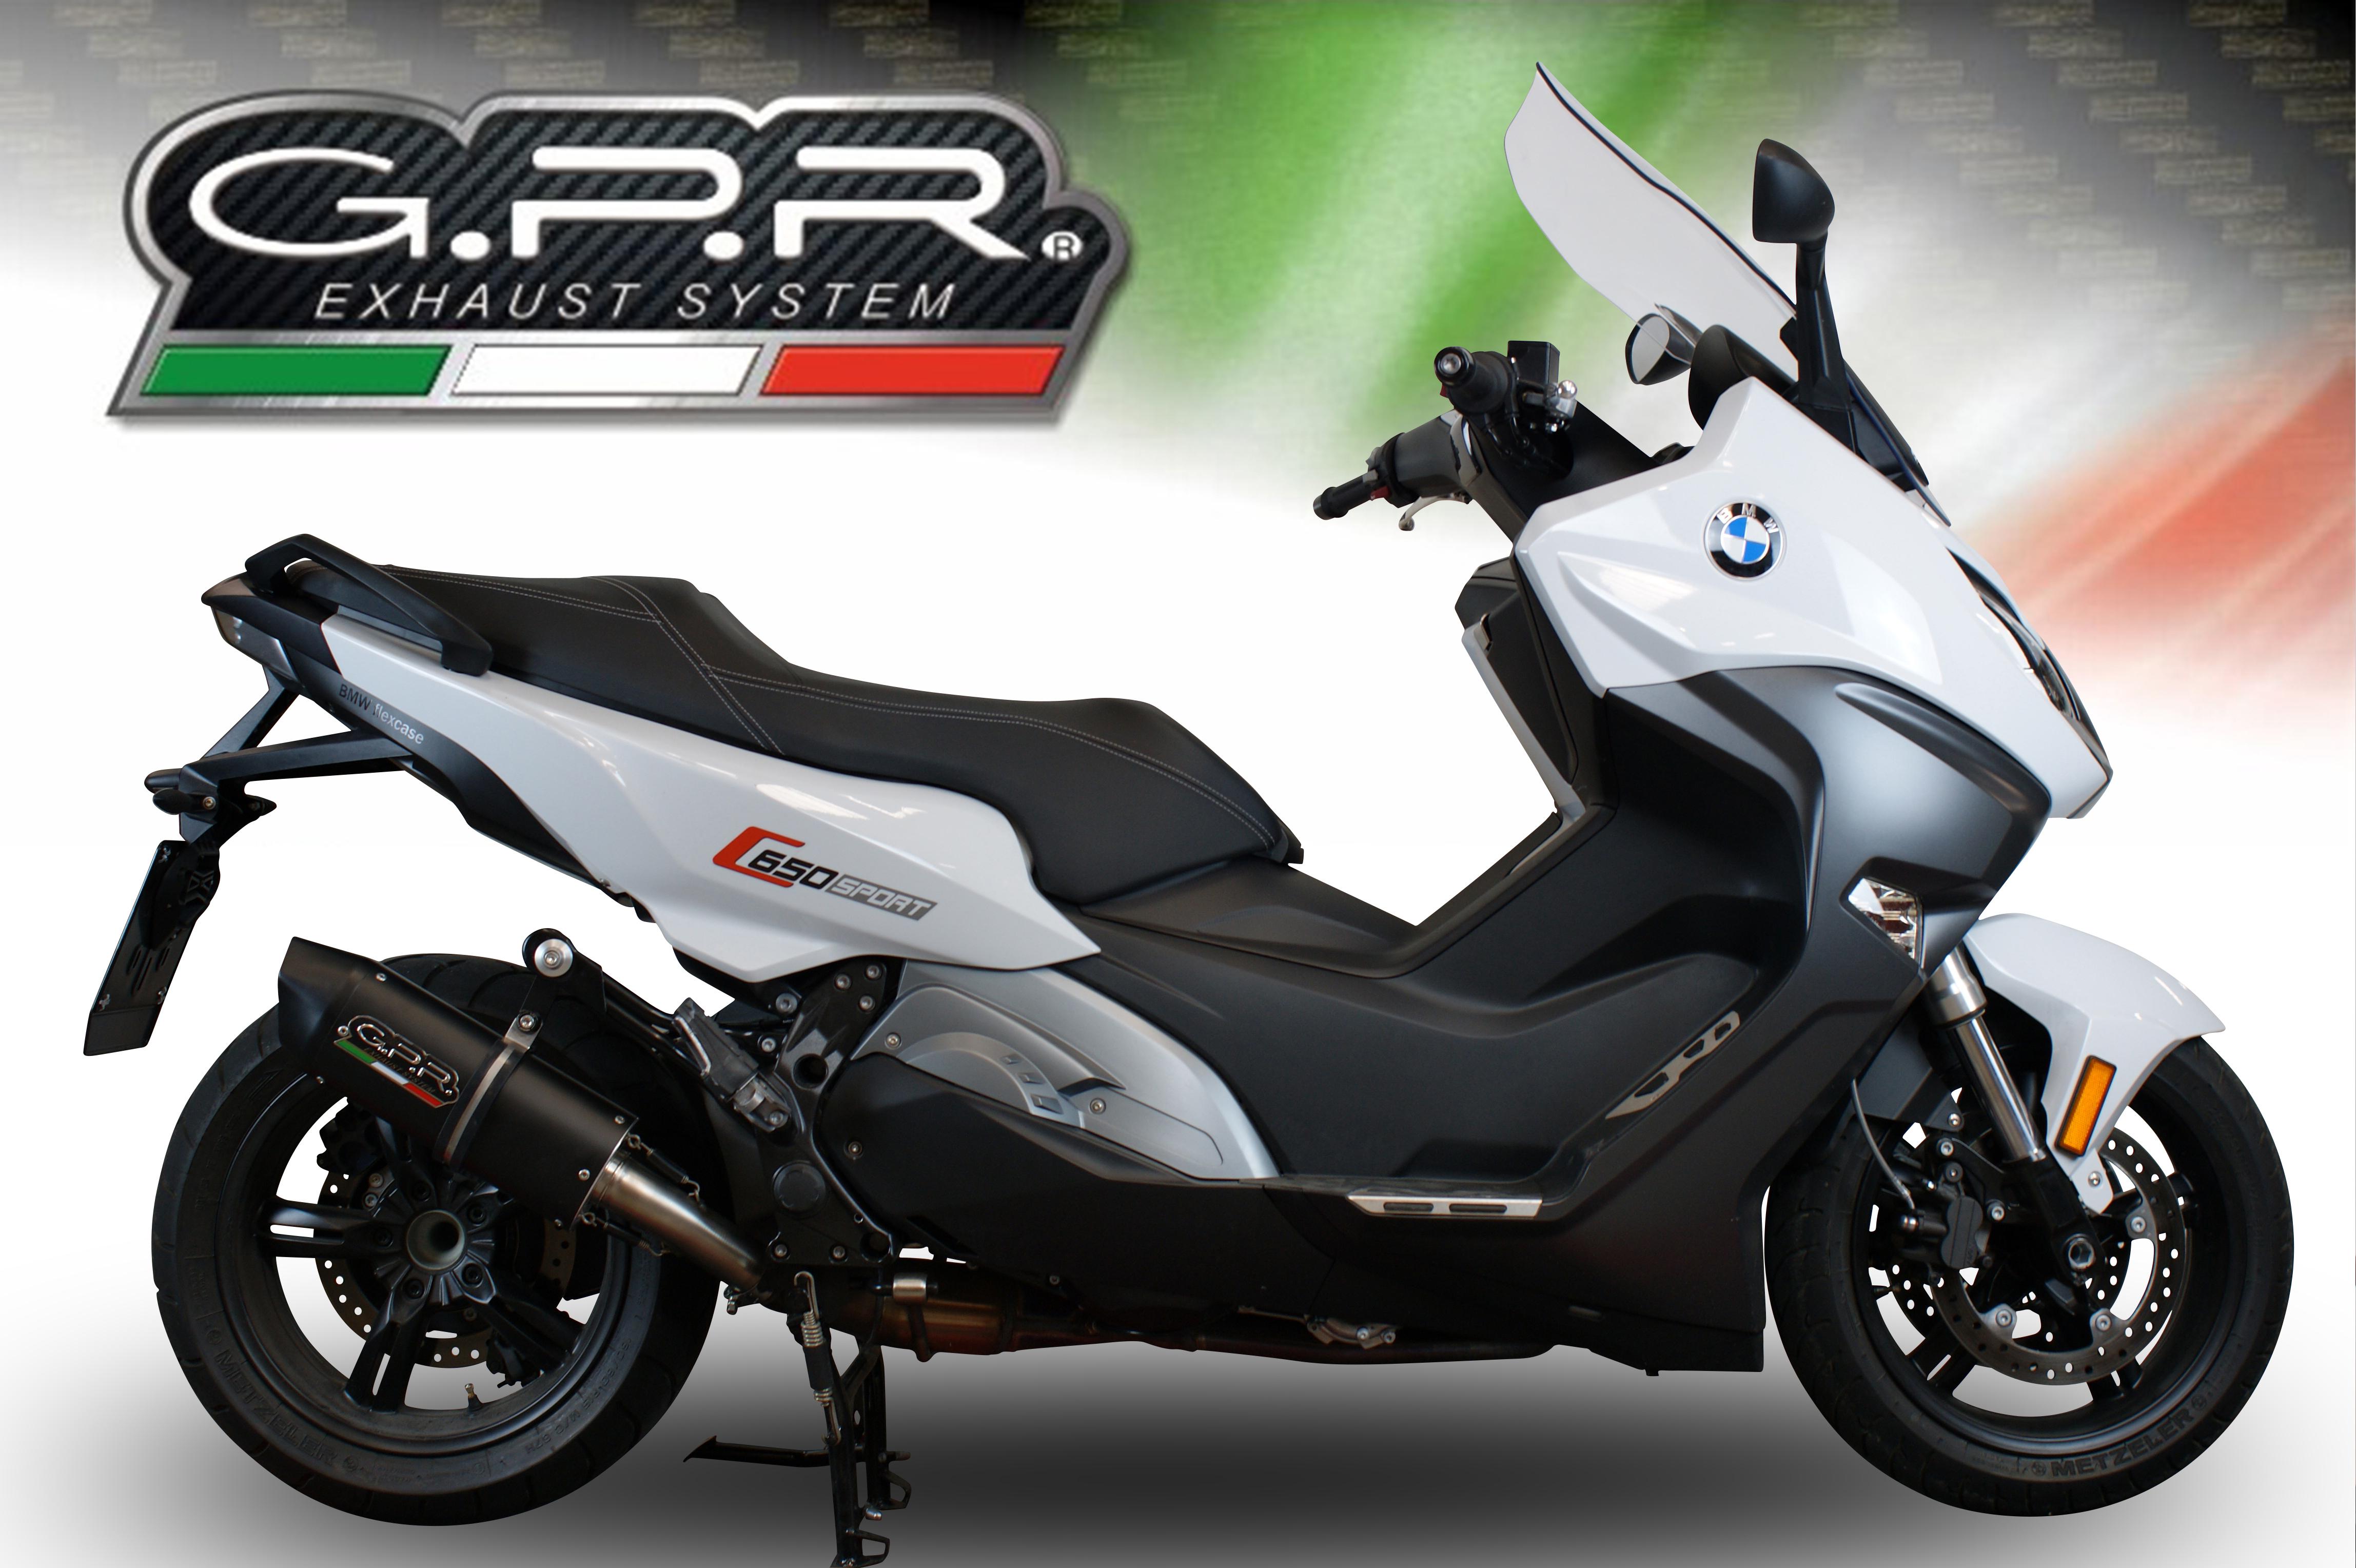 C 650 Sport 2016 18 Gpr Motorcycle Exhausts